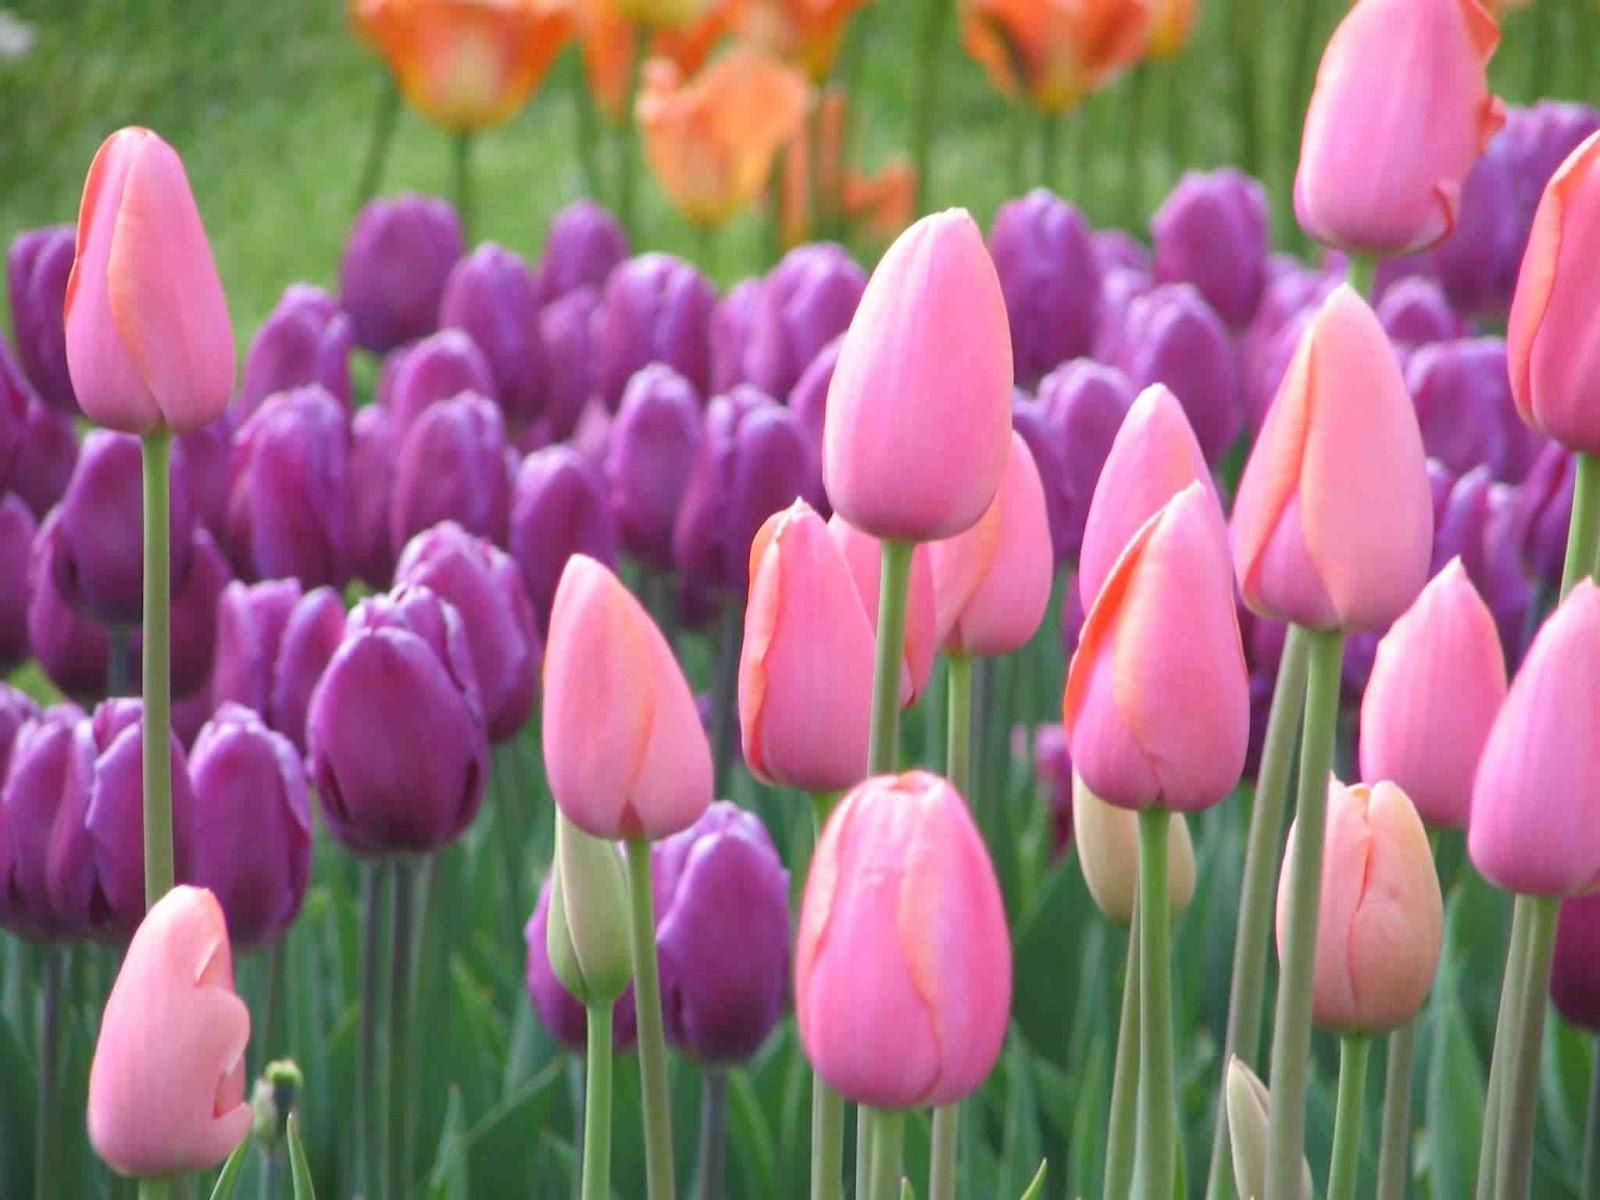 bunga tulip terindah di dunia   alam mentari